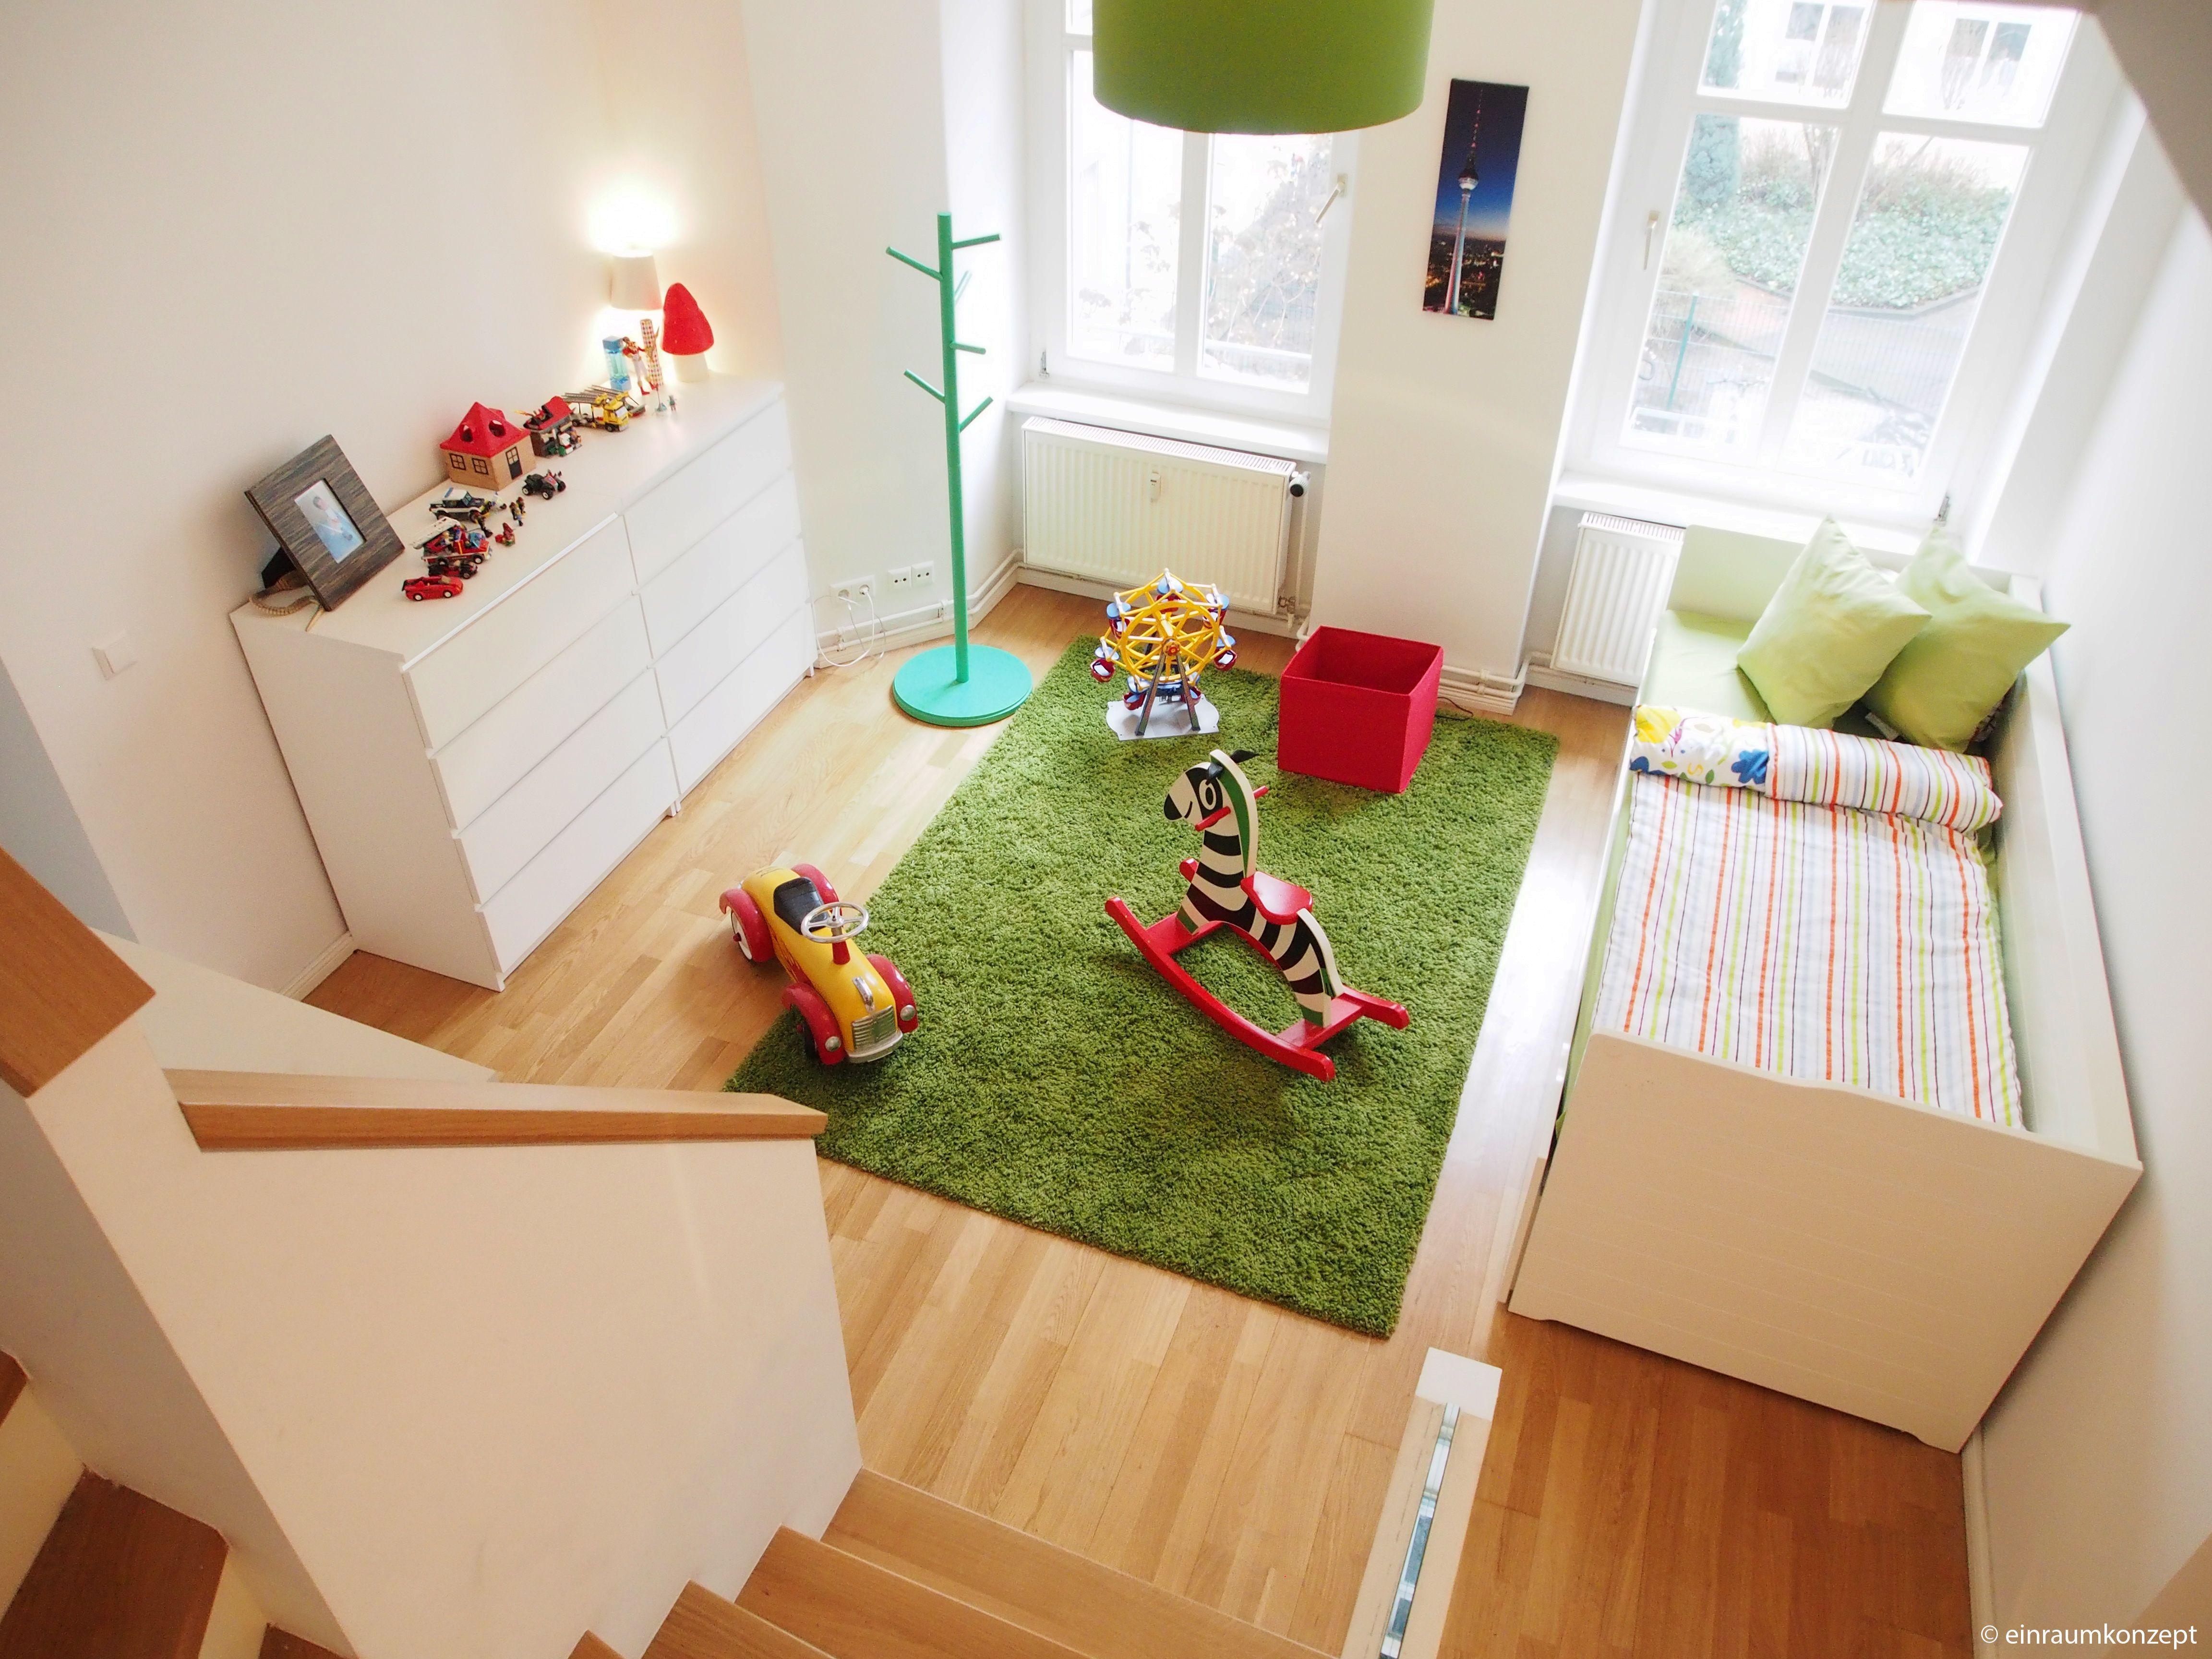 Außergewöhnlich Berlin Möbel Galerie Von Berlin, Wohnung, Kinderzimmer, Konzept, Einrichter Einrichtung, Möbel,